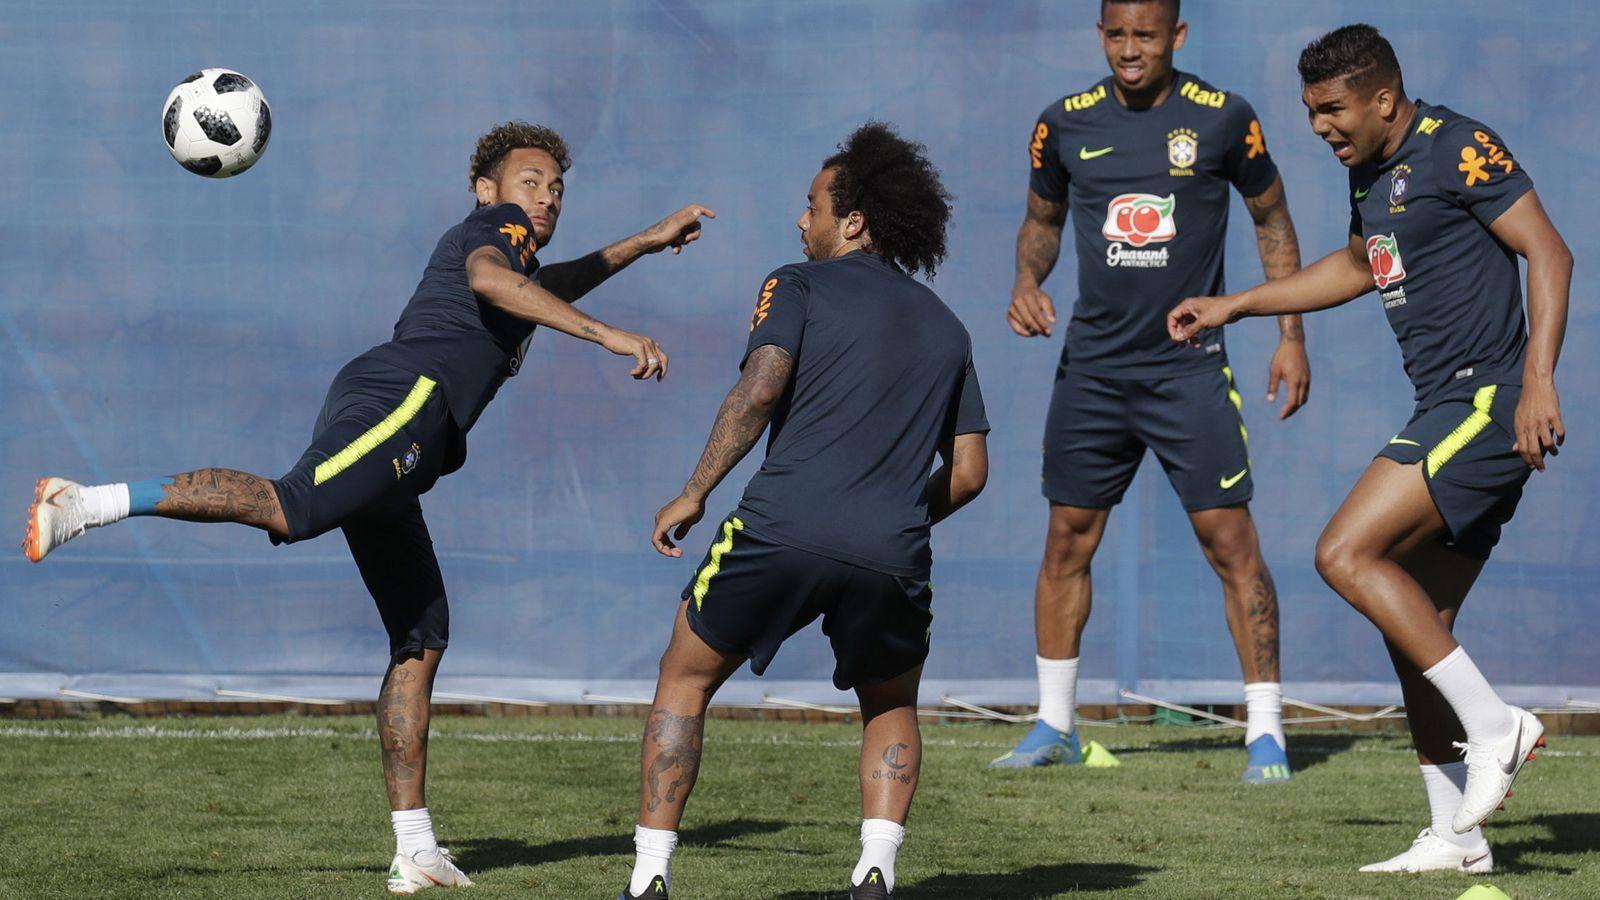 Foto: La selección brasileña entrenando en Sochi (Rusia)   EFE Sebastião Moreira